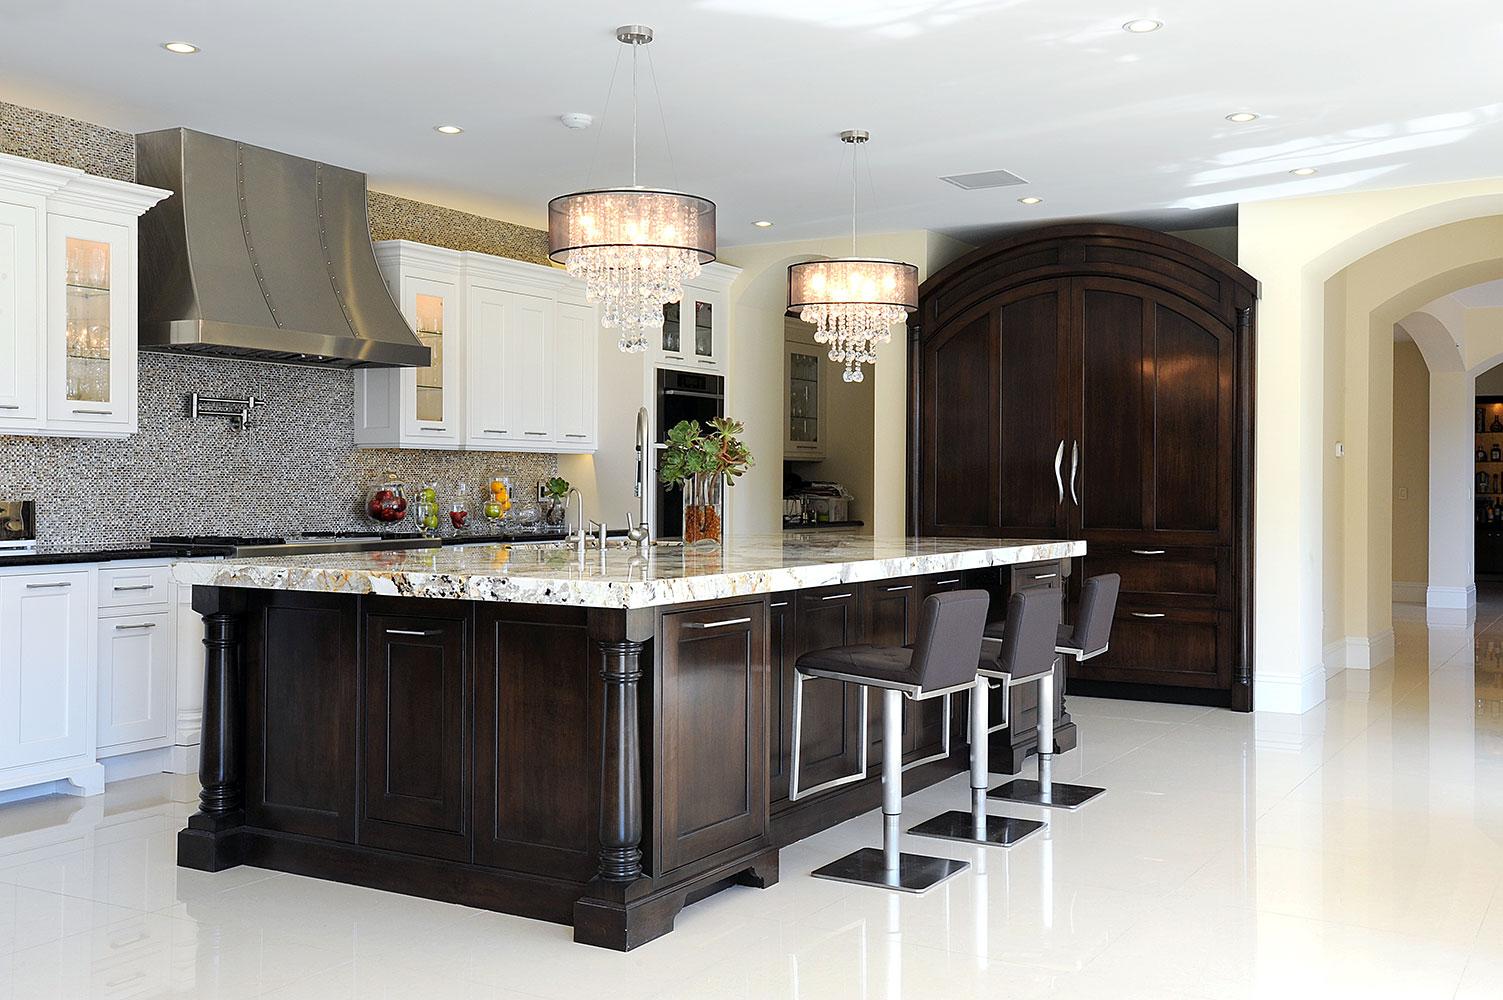 MtOlym_INT-17_Kitchen.jpg